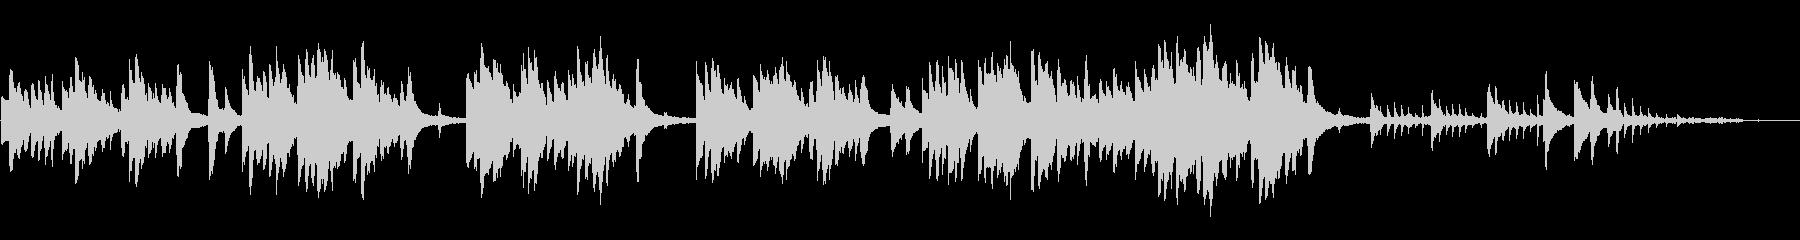 現代的 交響曲 室内楽 ほのぼの ...の未再生の波形